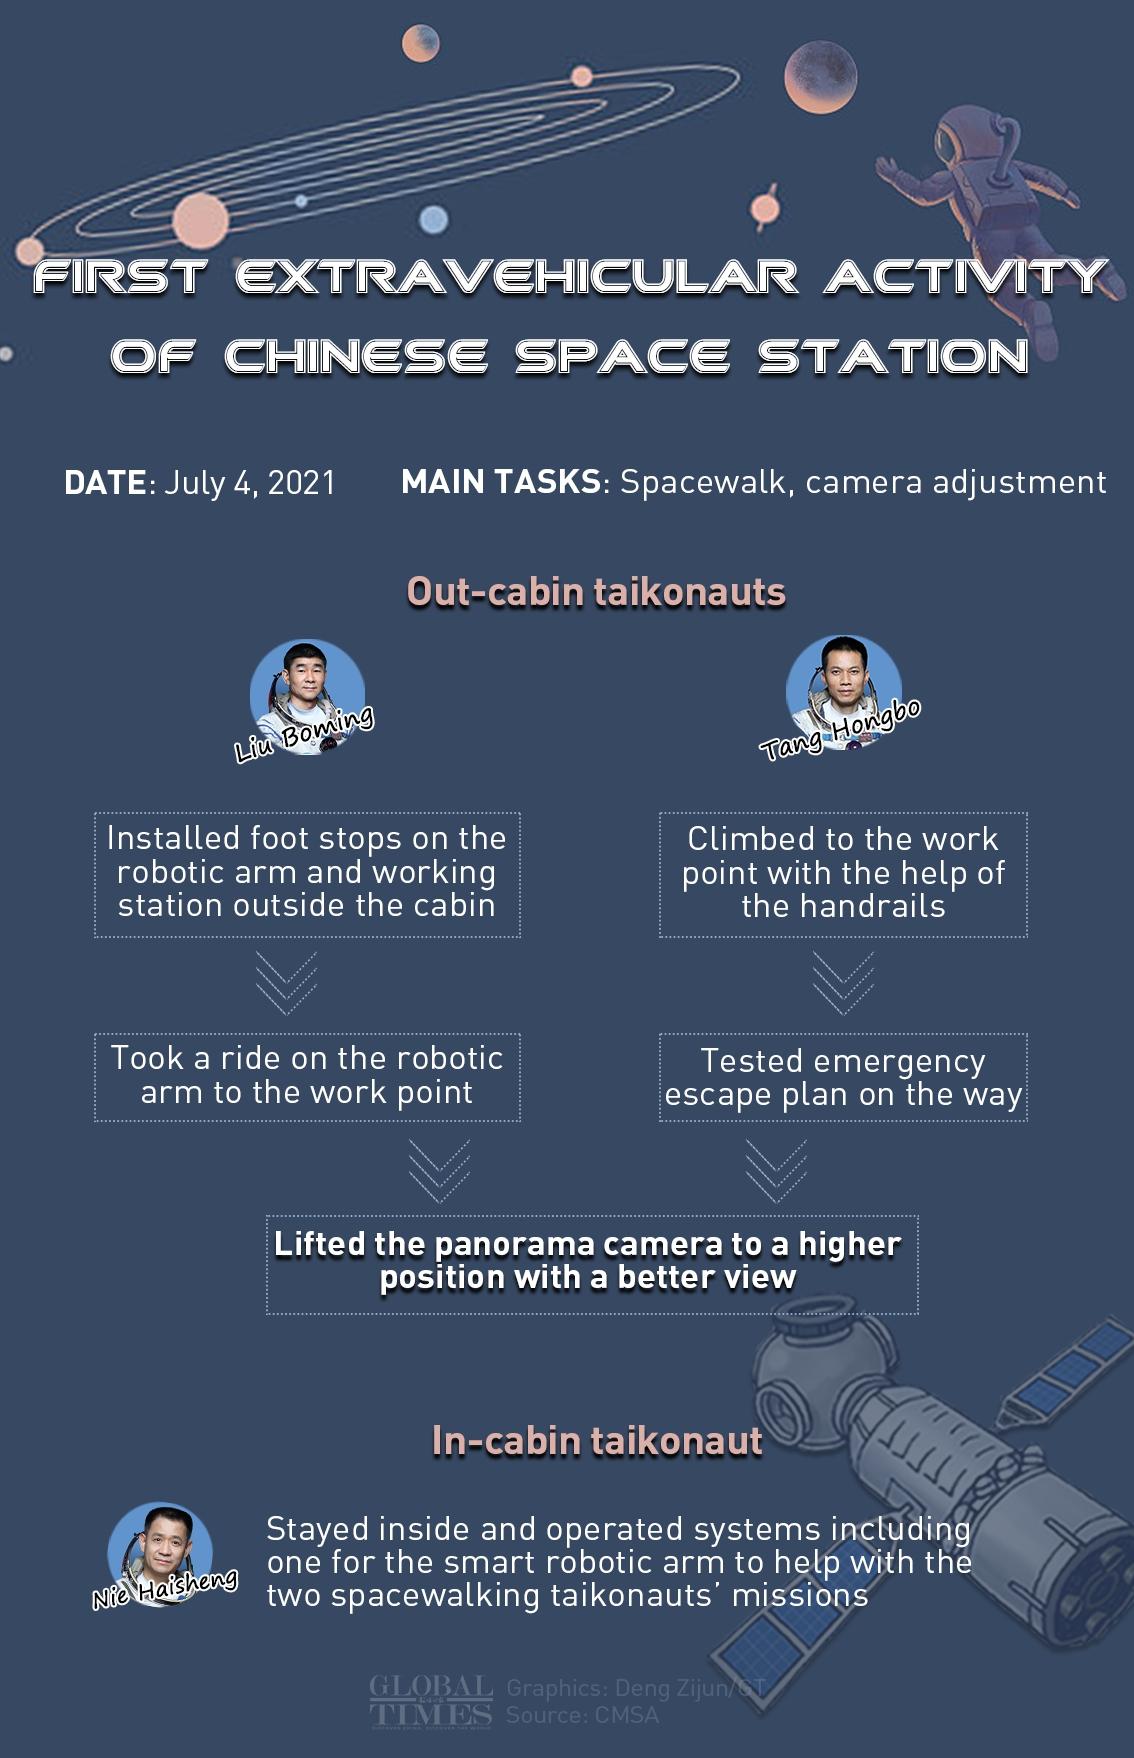 중국 우주 정거장 인포 그래픽의 첫 번째 선외 활동 : Deng Zijun / GT